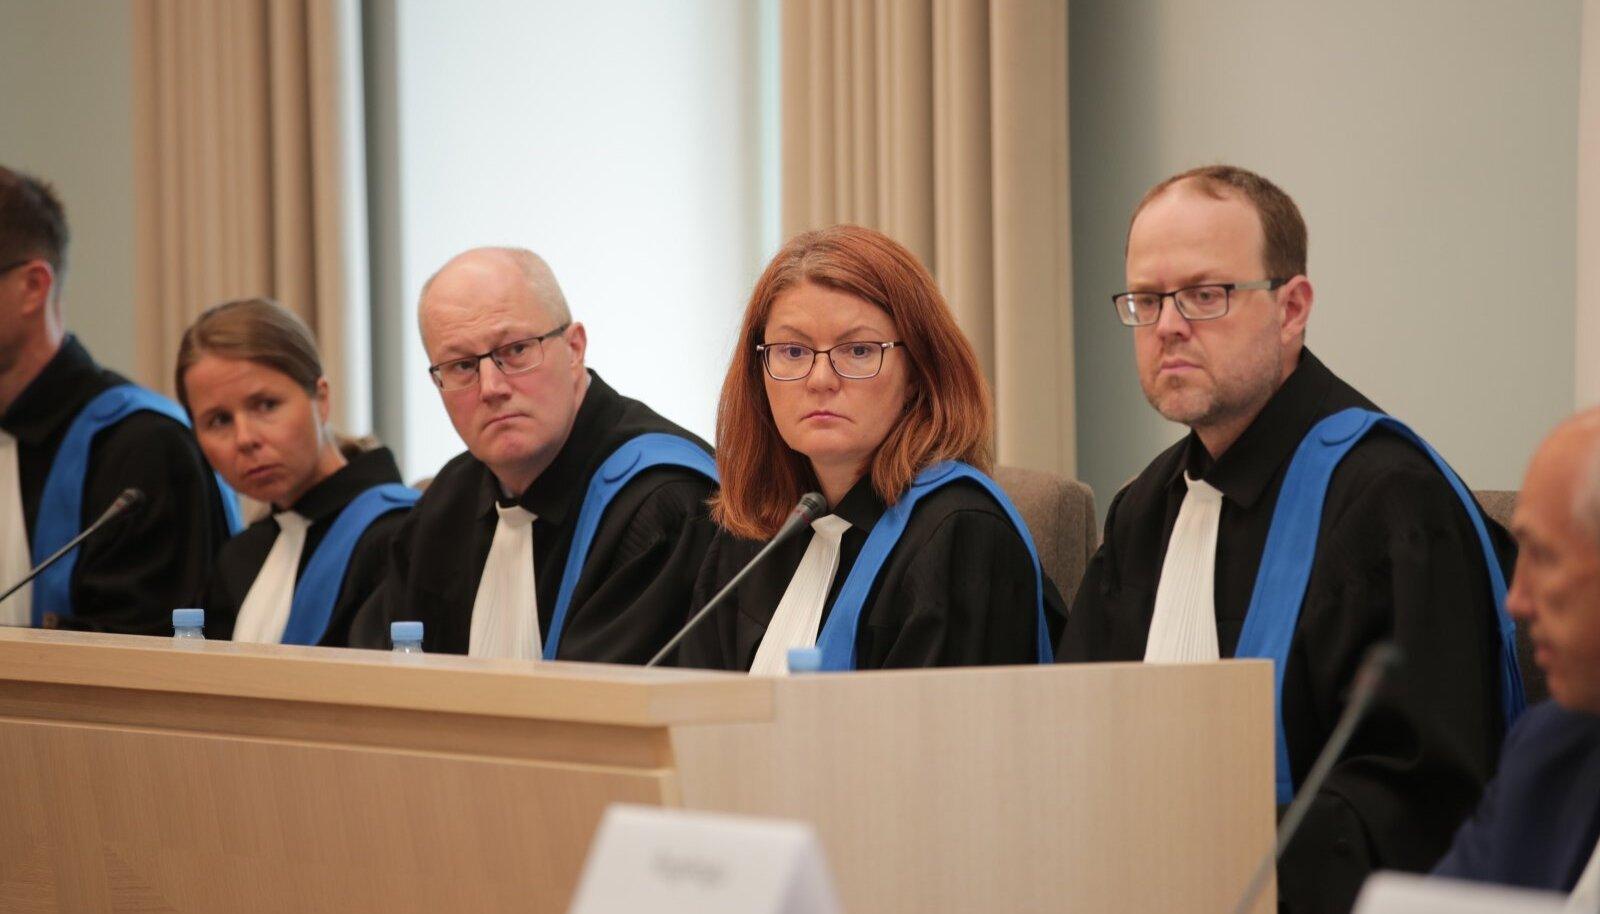 Riigikohtunikud Juhan Sarv (paremalt esimene) ja Kai Kullerkupp (paremalt teine) on ühed seitsmest, kes jäid pensionireformi otsuse osas eriarvamusele.